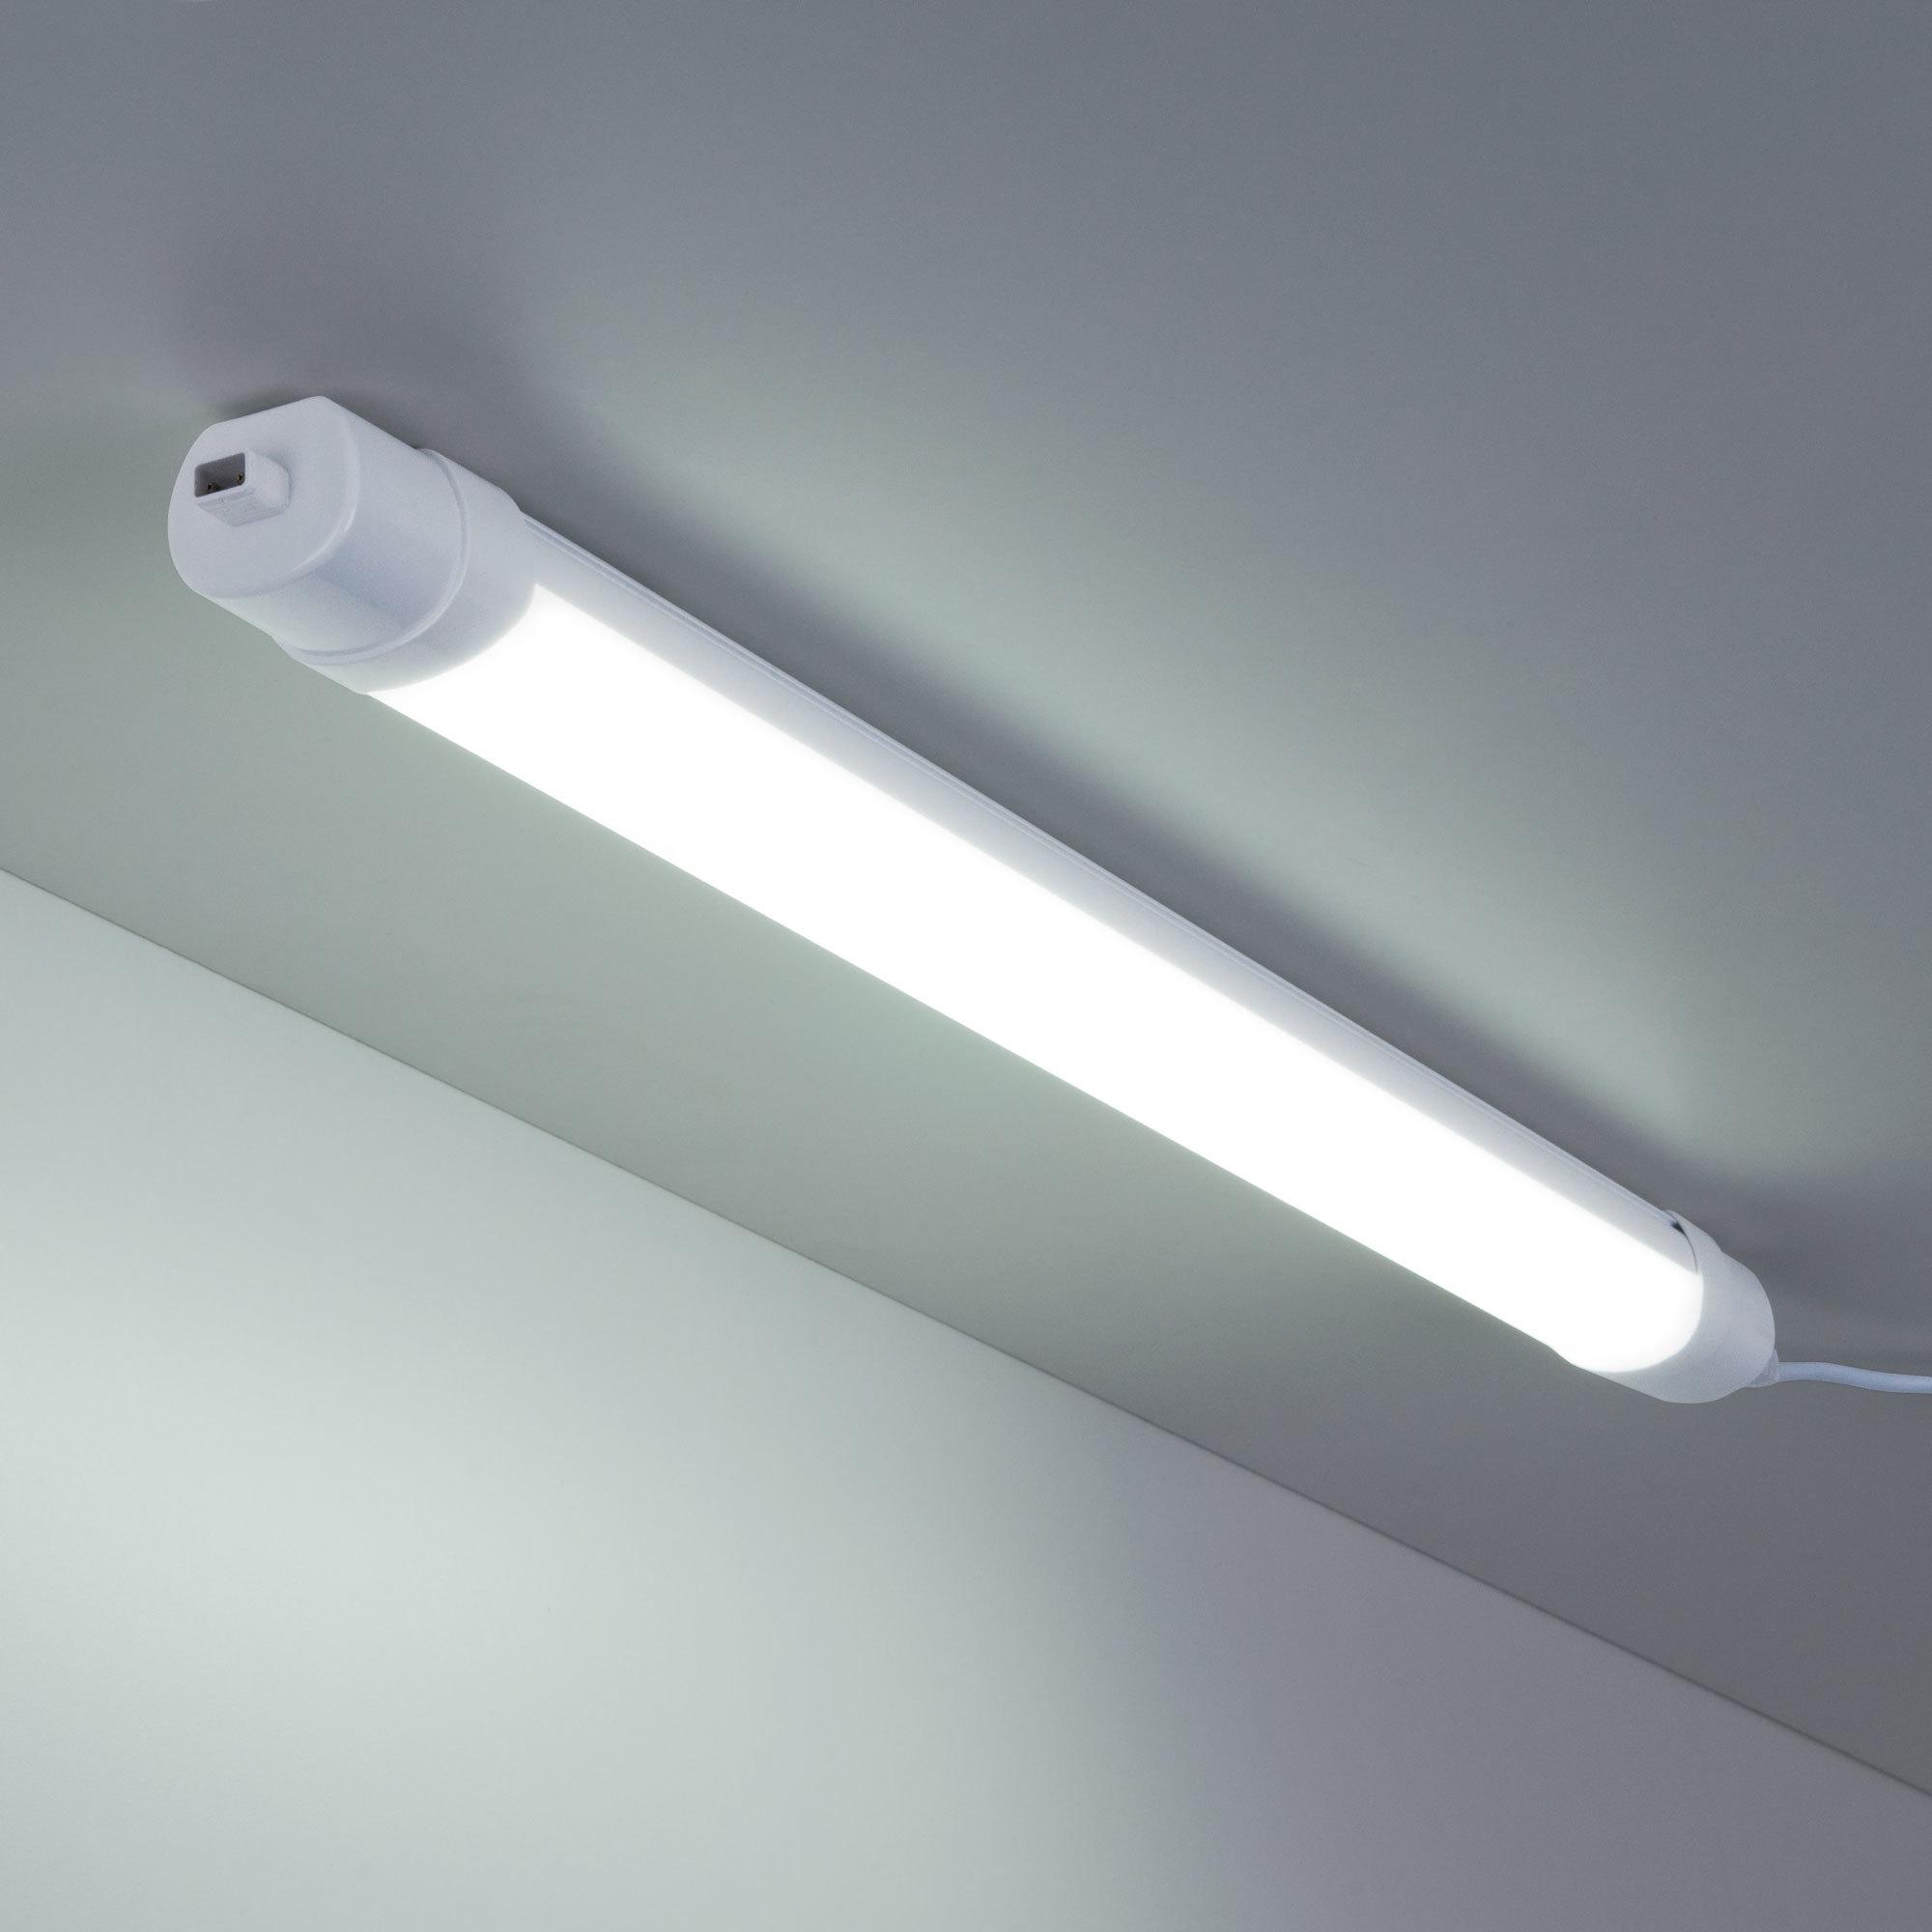 Светодиодное освещение Светодиодные линейные потолочные светильники